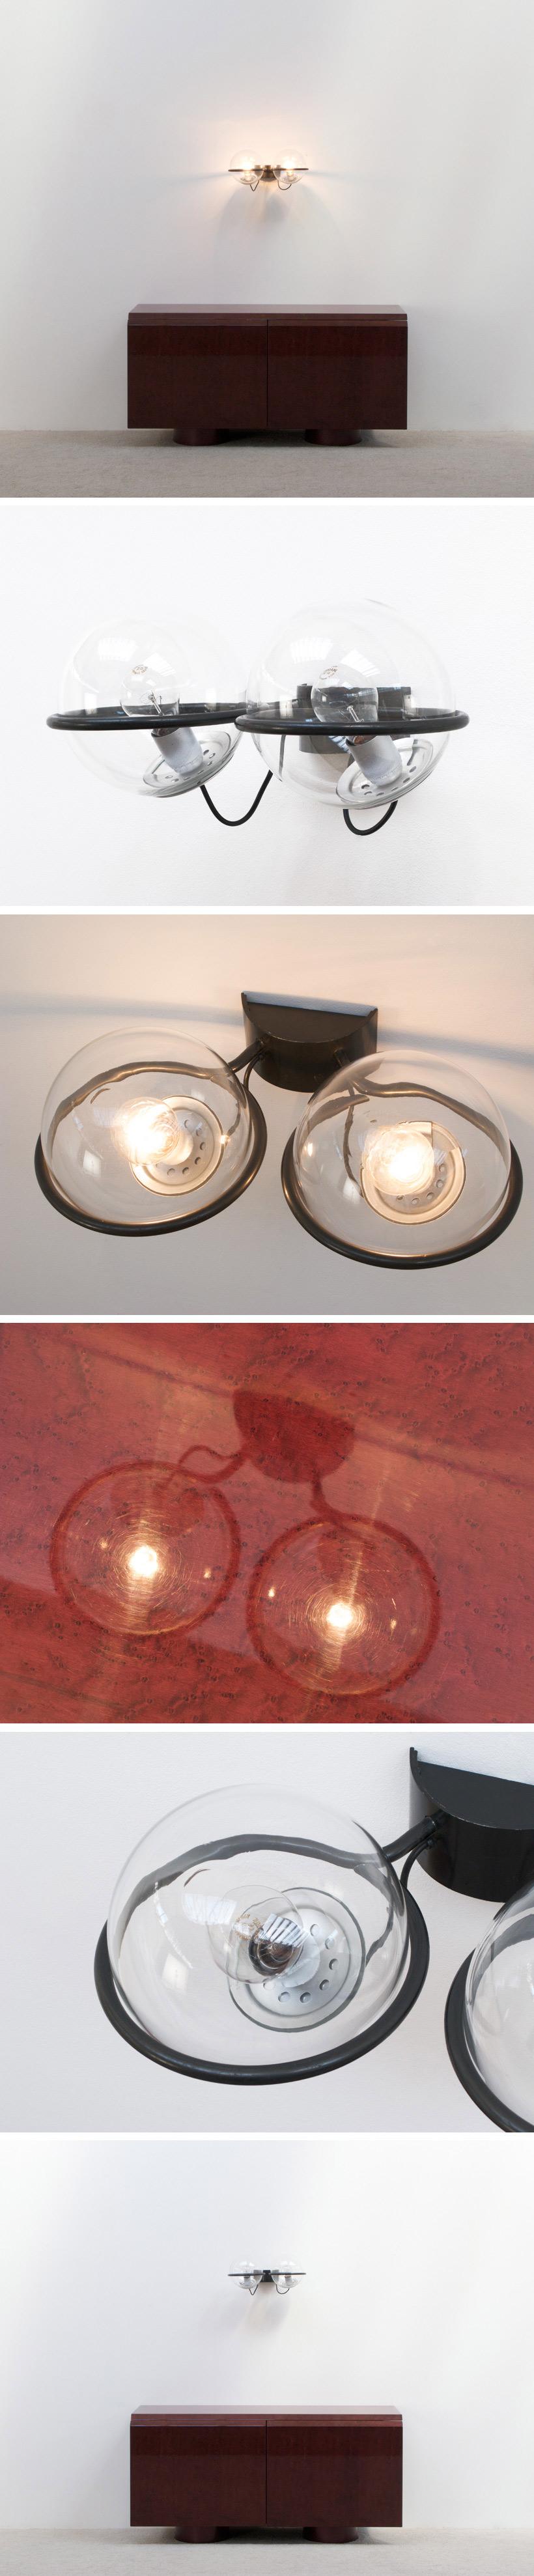 Gino Sarfatti 238 Arteluce wall lamp Large